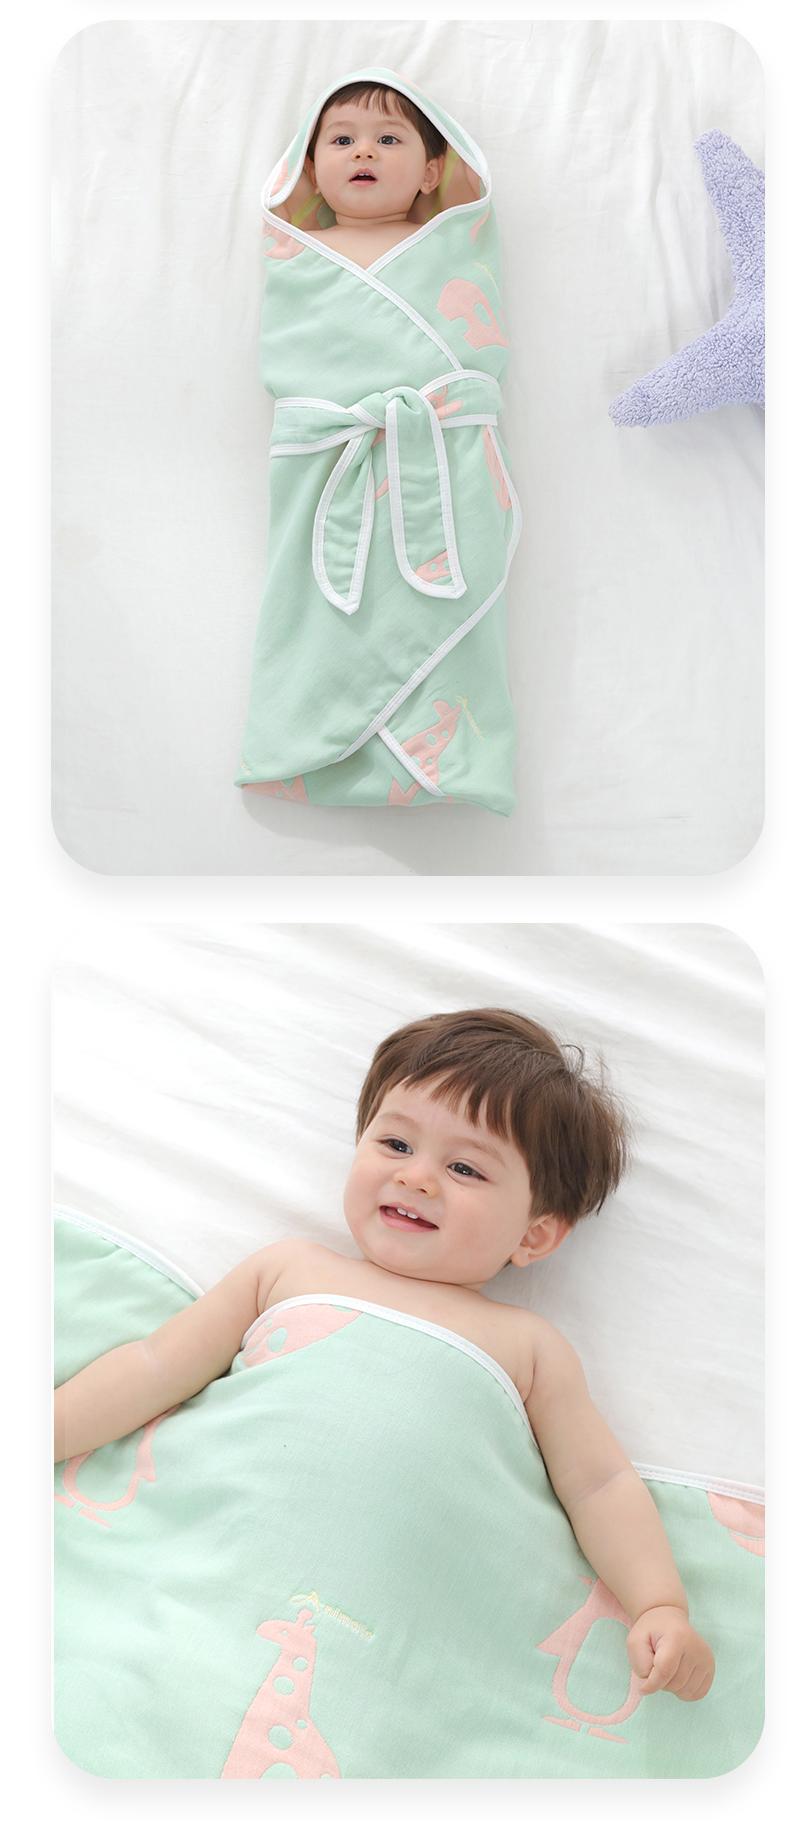 新生初生婴儿抱被纯棉纱布春秋夏季薄款产房包被包巾婴儿用品包单详细照片